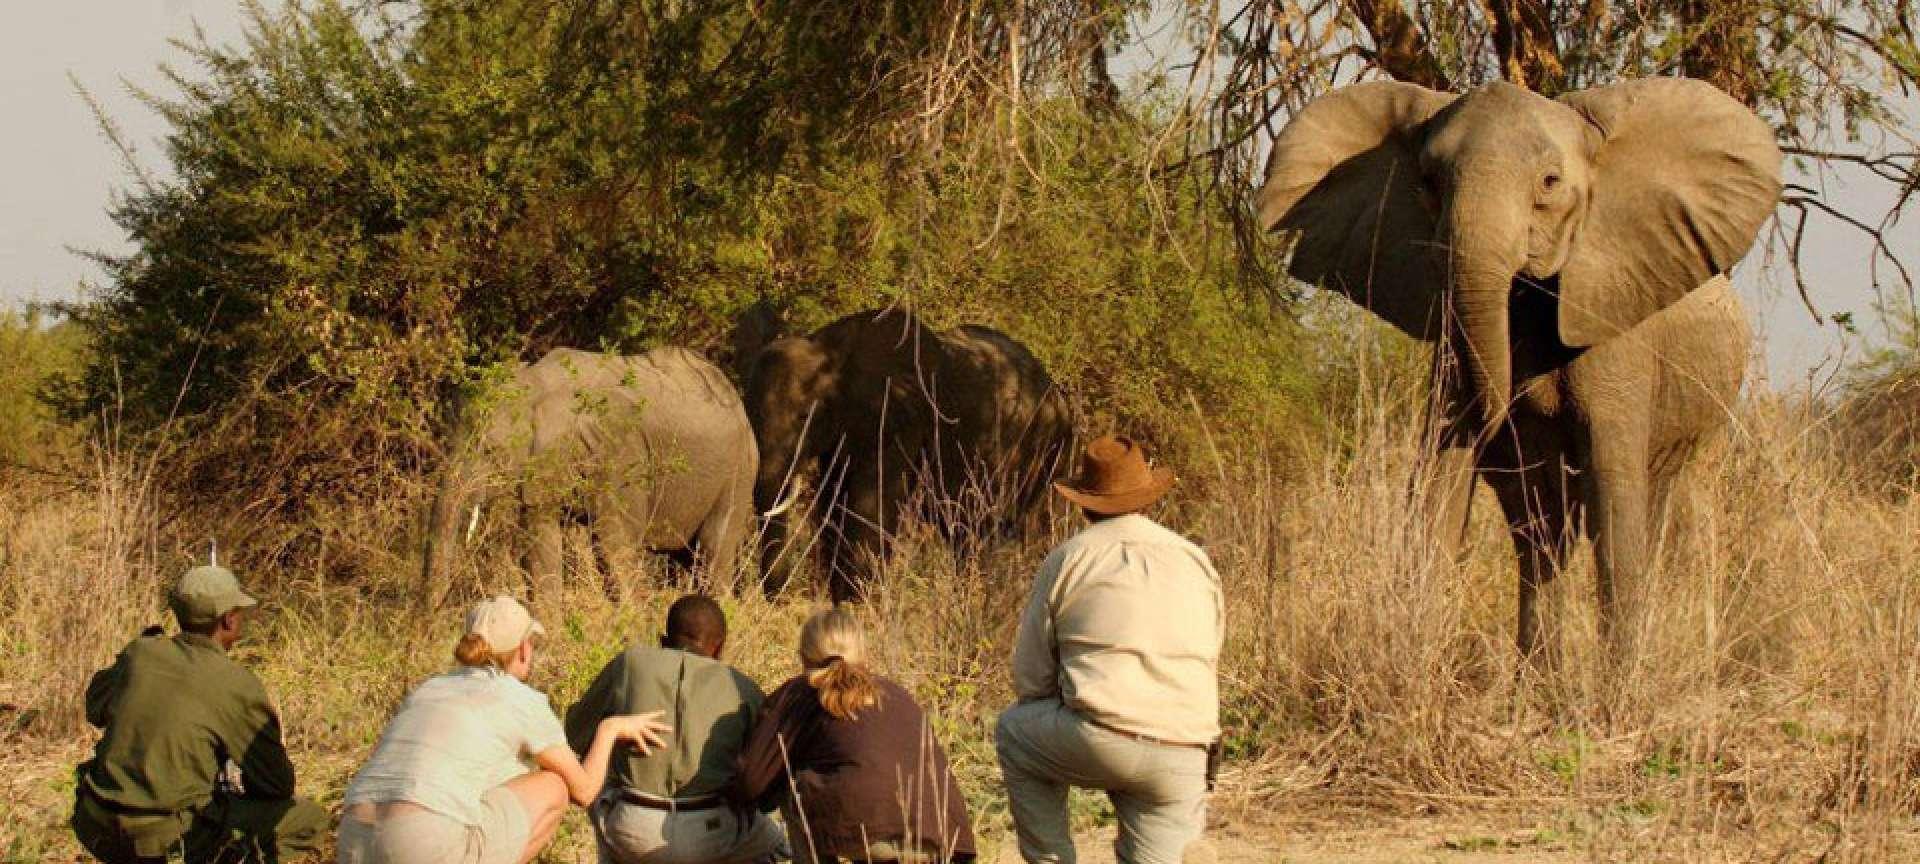 Walking safaris in Kenya - Africa Wildlife Safaris